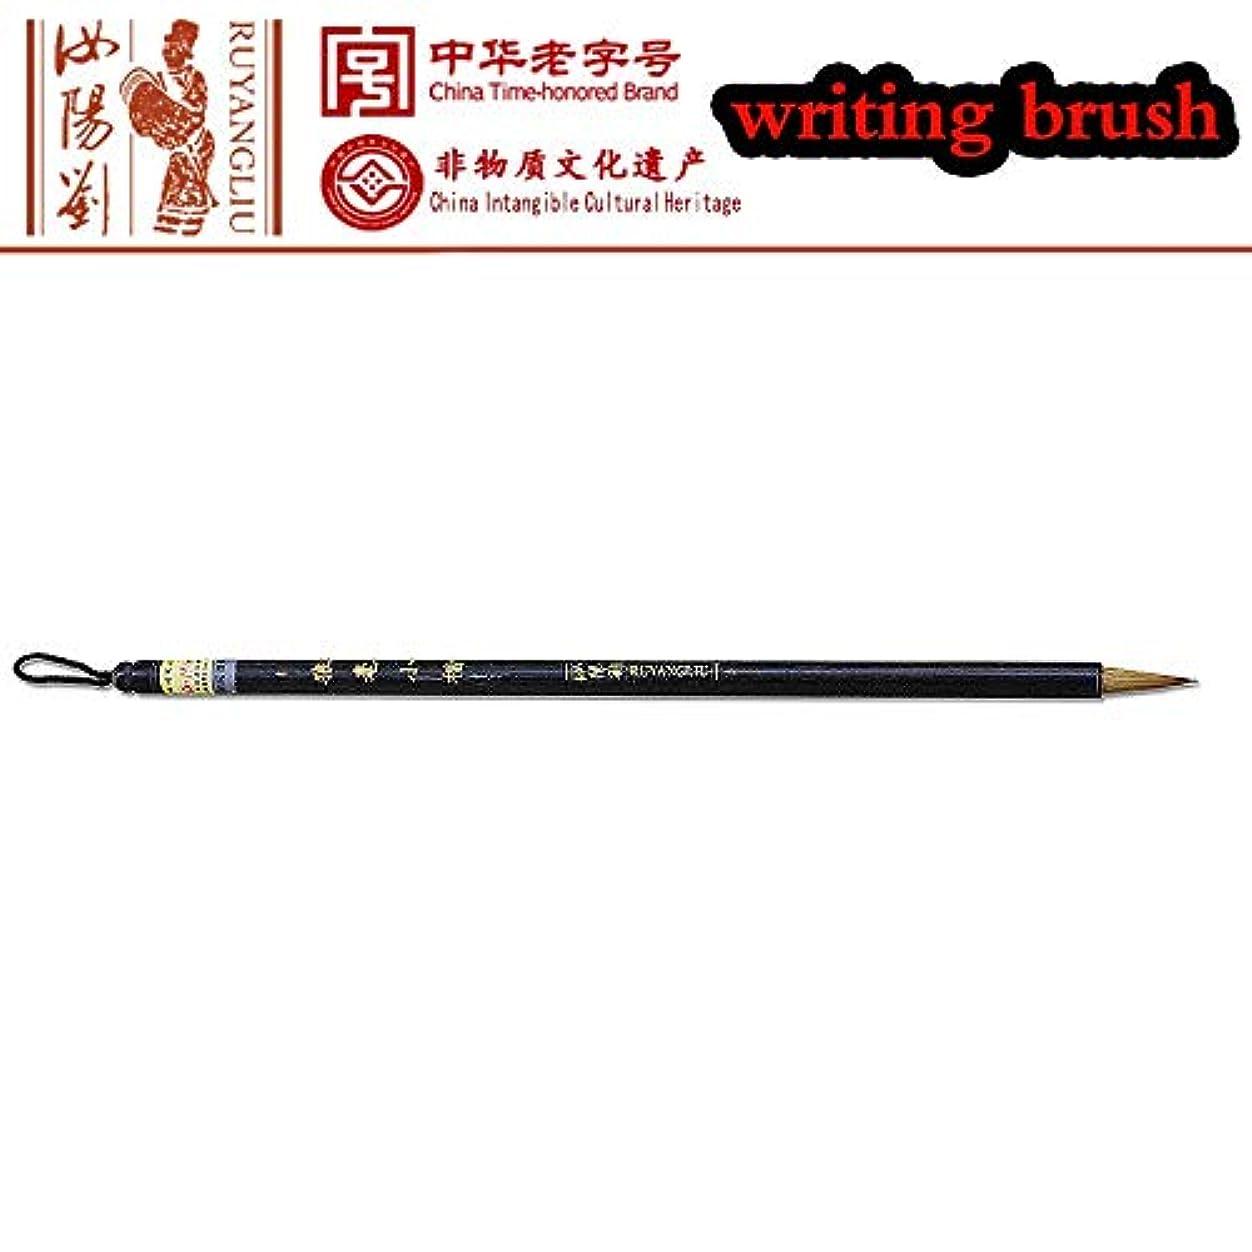 取り囲むうそつきハム書道ライティングアートの絵画用ブラシ中国の伝統的な書道の筆書道ブラシスミ描画ブラシを書いRUYANGLIU (色 : Langhao)